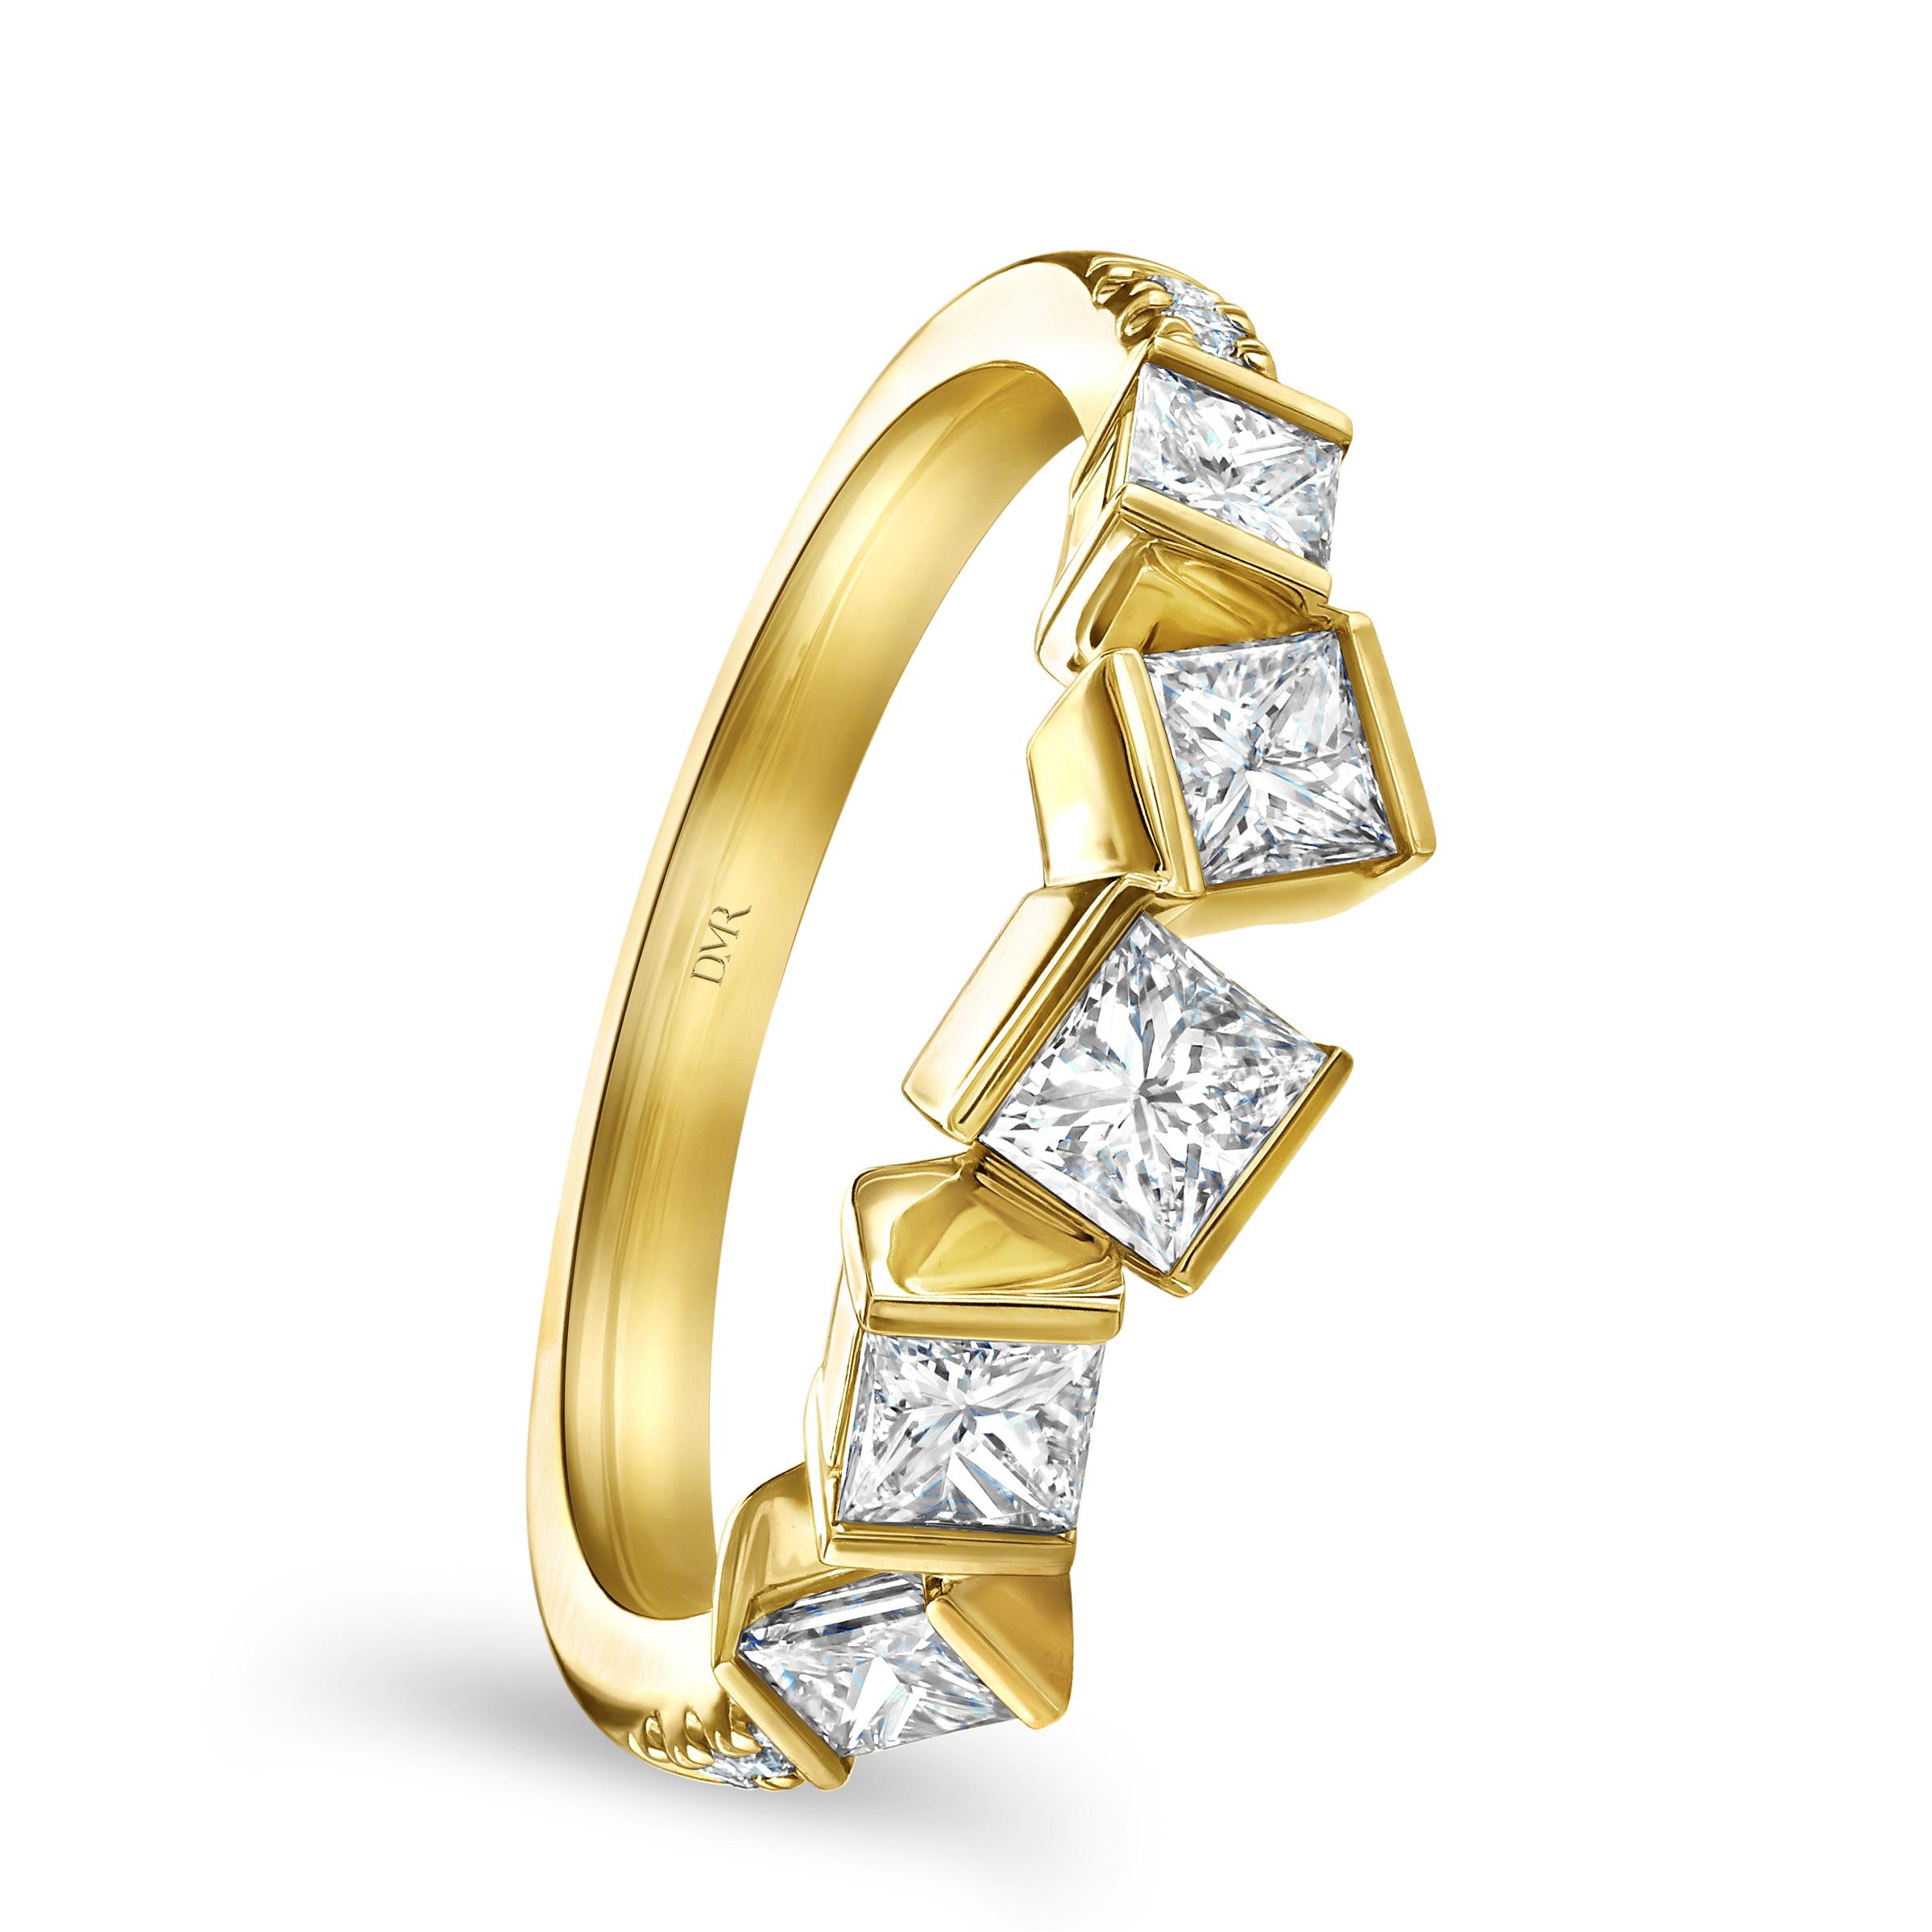 Hopscotch Yellow Gold Diamond Ring